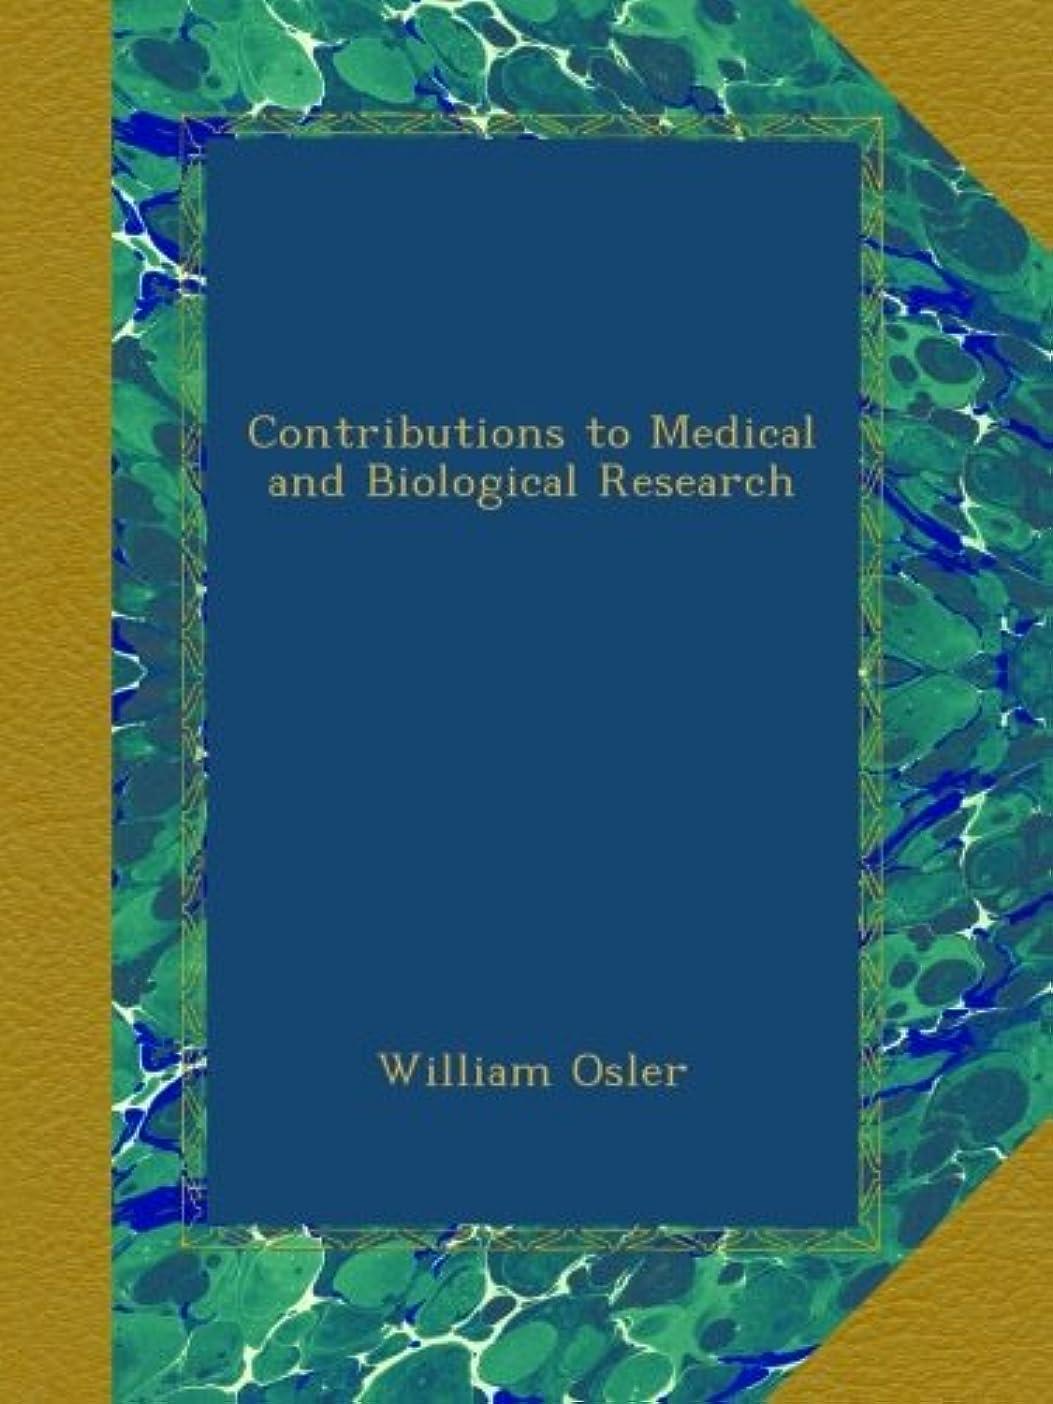 食べるソビエト欲望Contributions to Medical and Biological Research